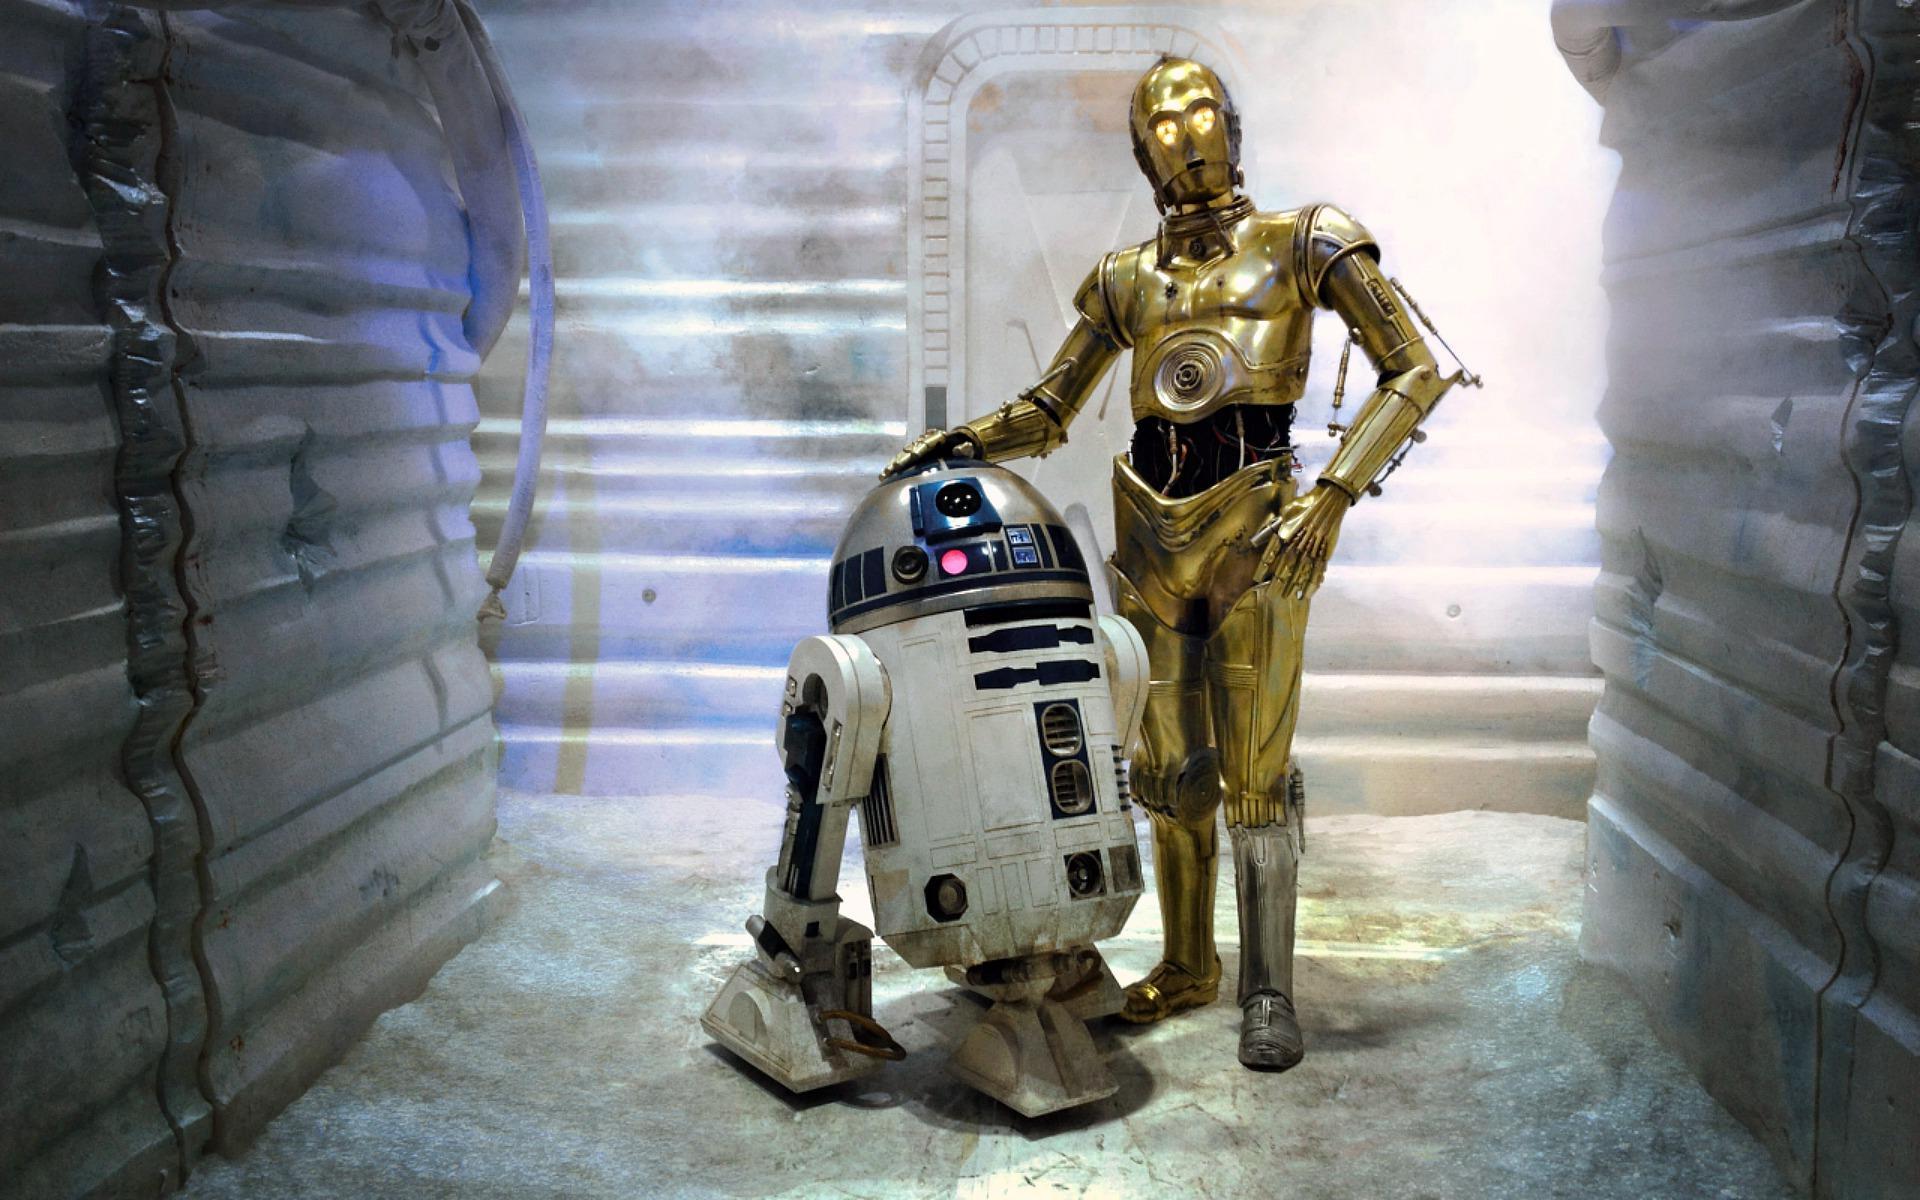 Fallece Kenny Baker, muerto el actor de R2-D2